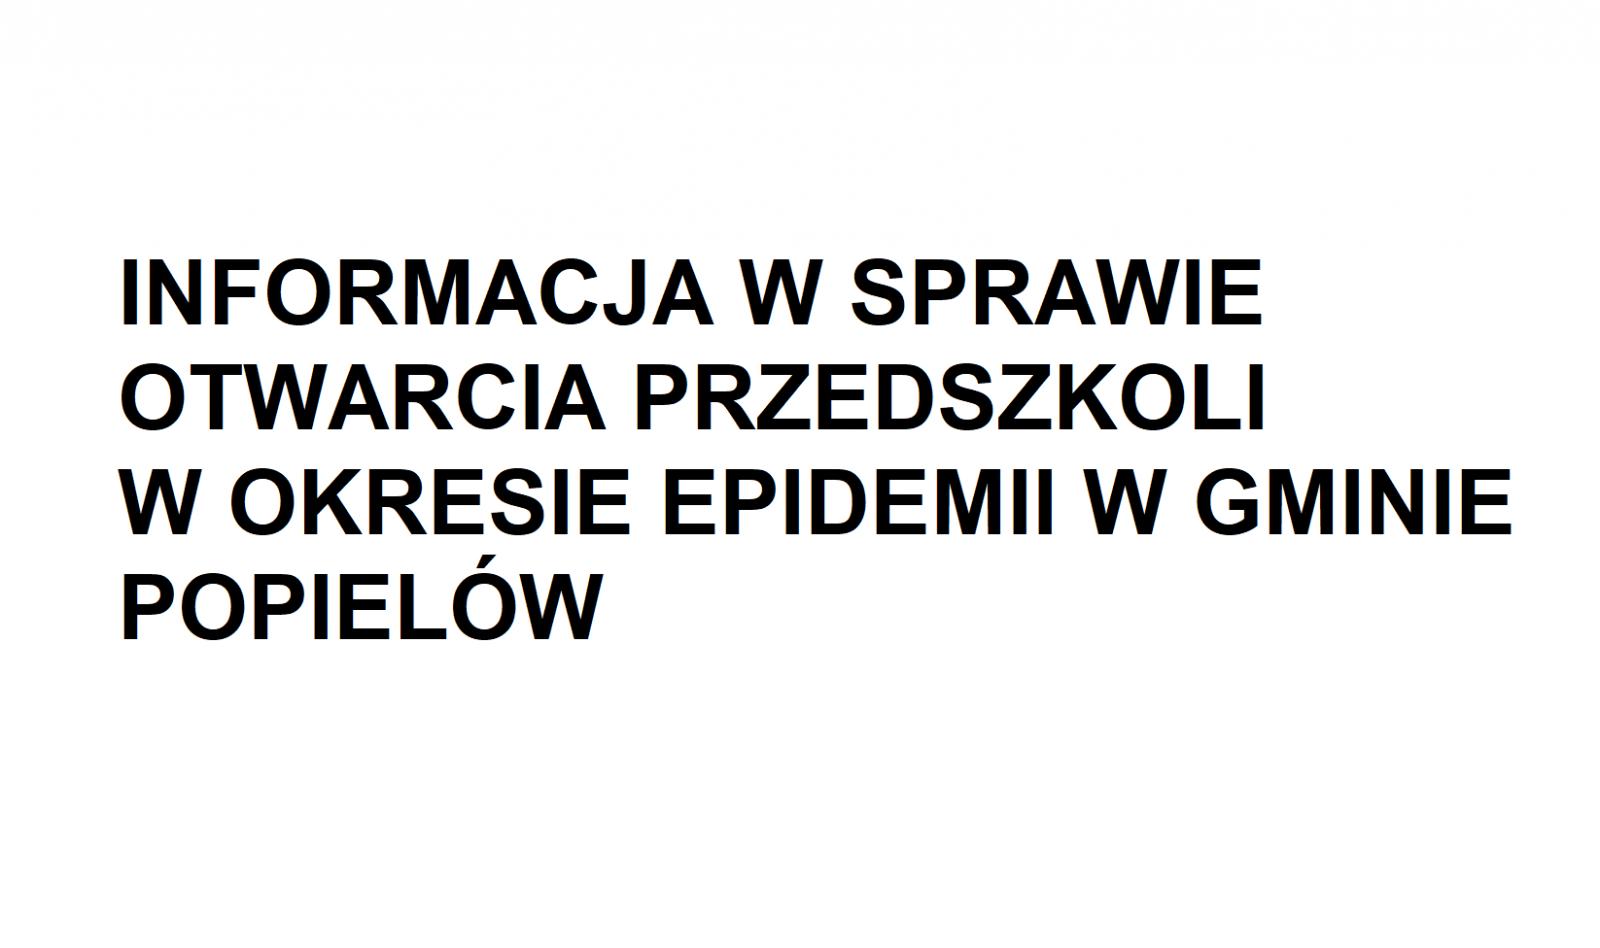 INFORMACJA W SPRAWIE OTWARCIA PRZEDSZKOLI W OKRESIE EPIDEMII W GMINIE POPIELÓW